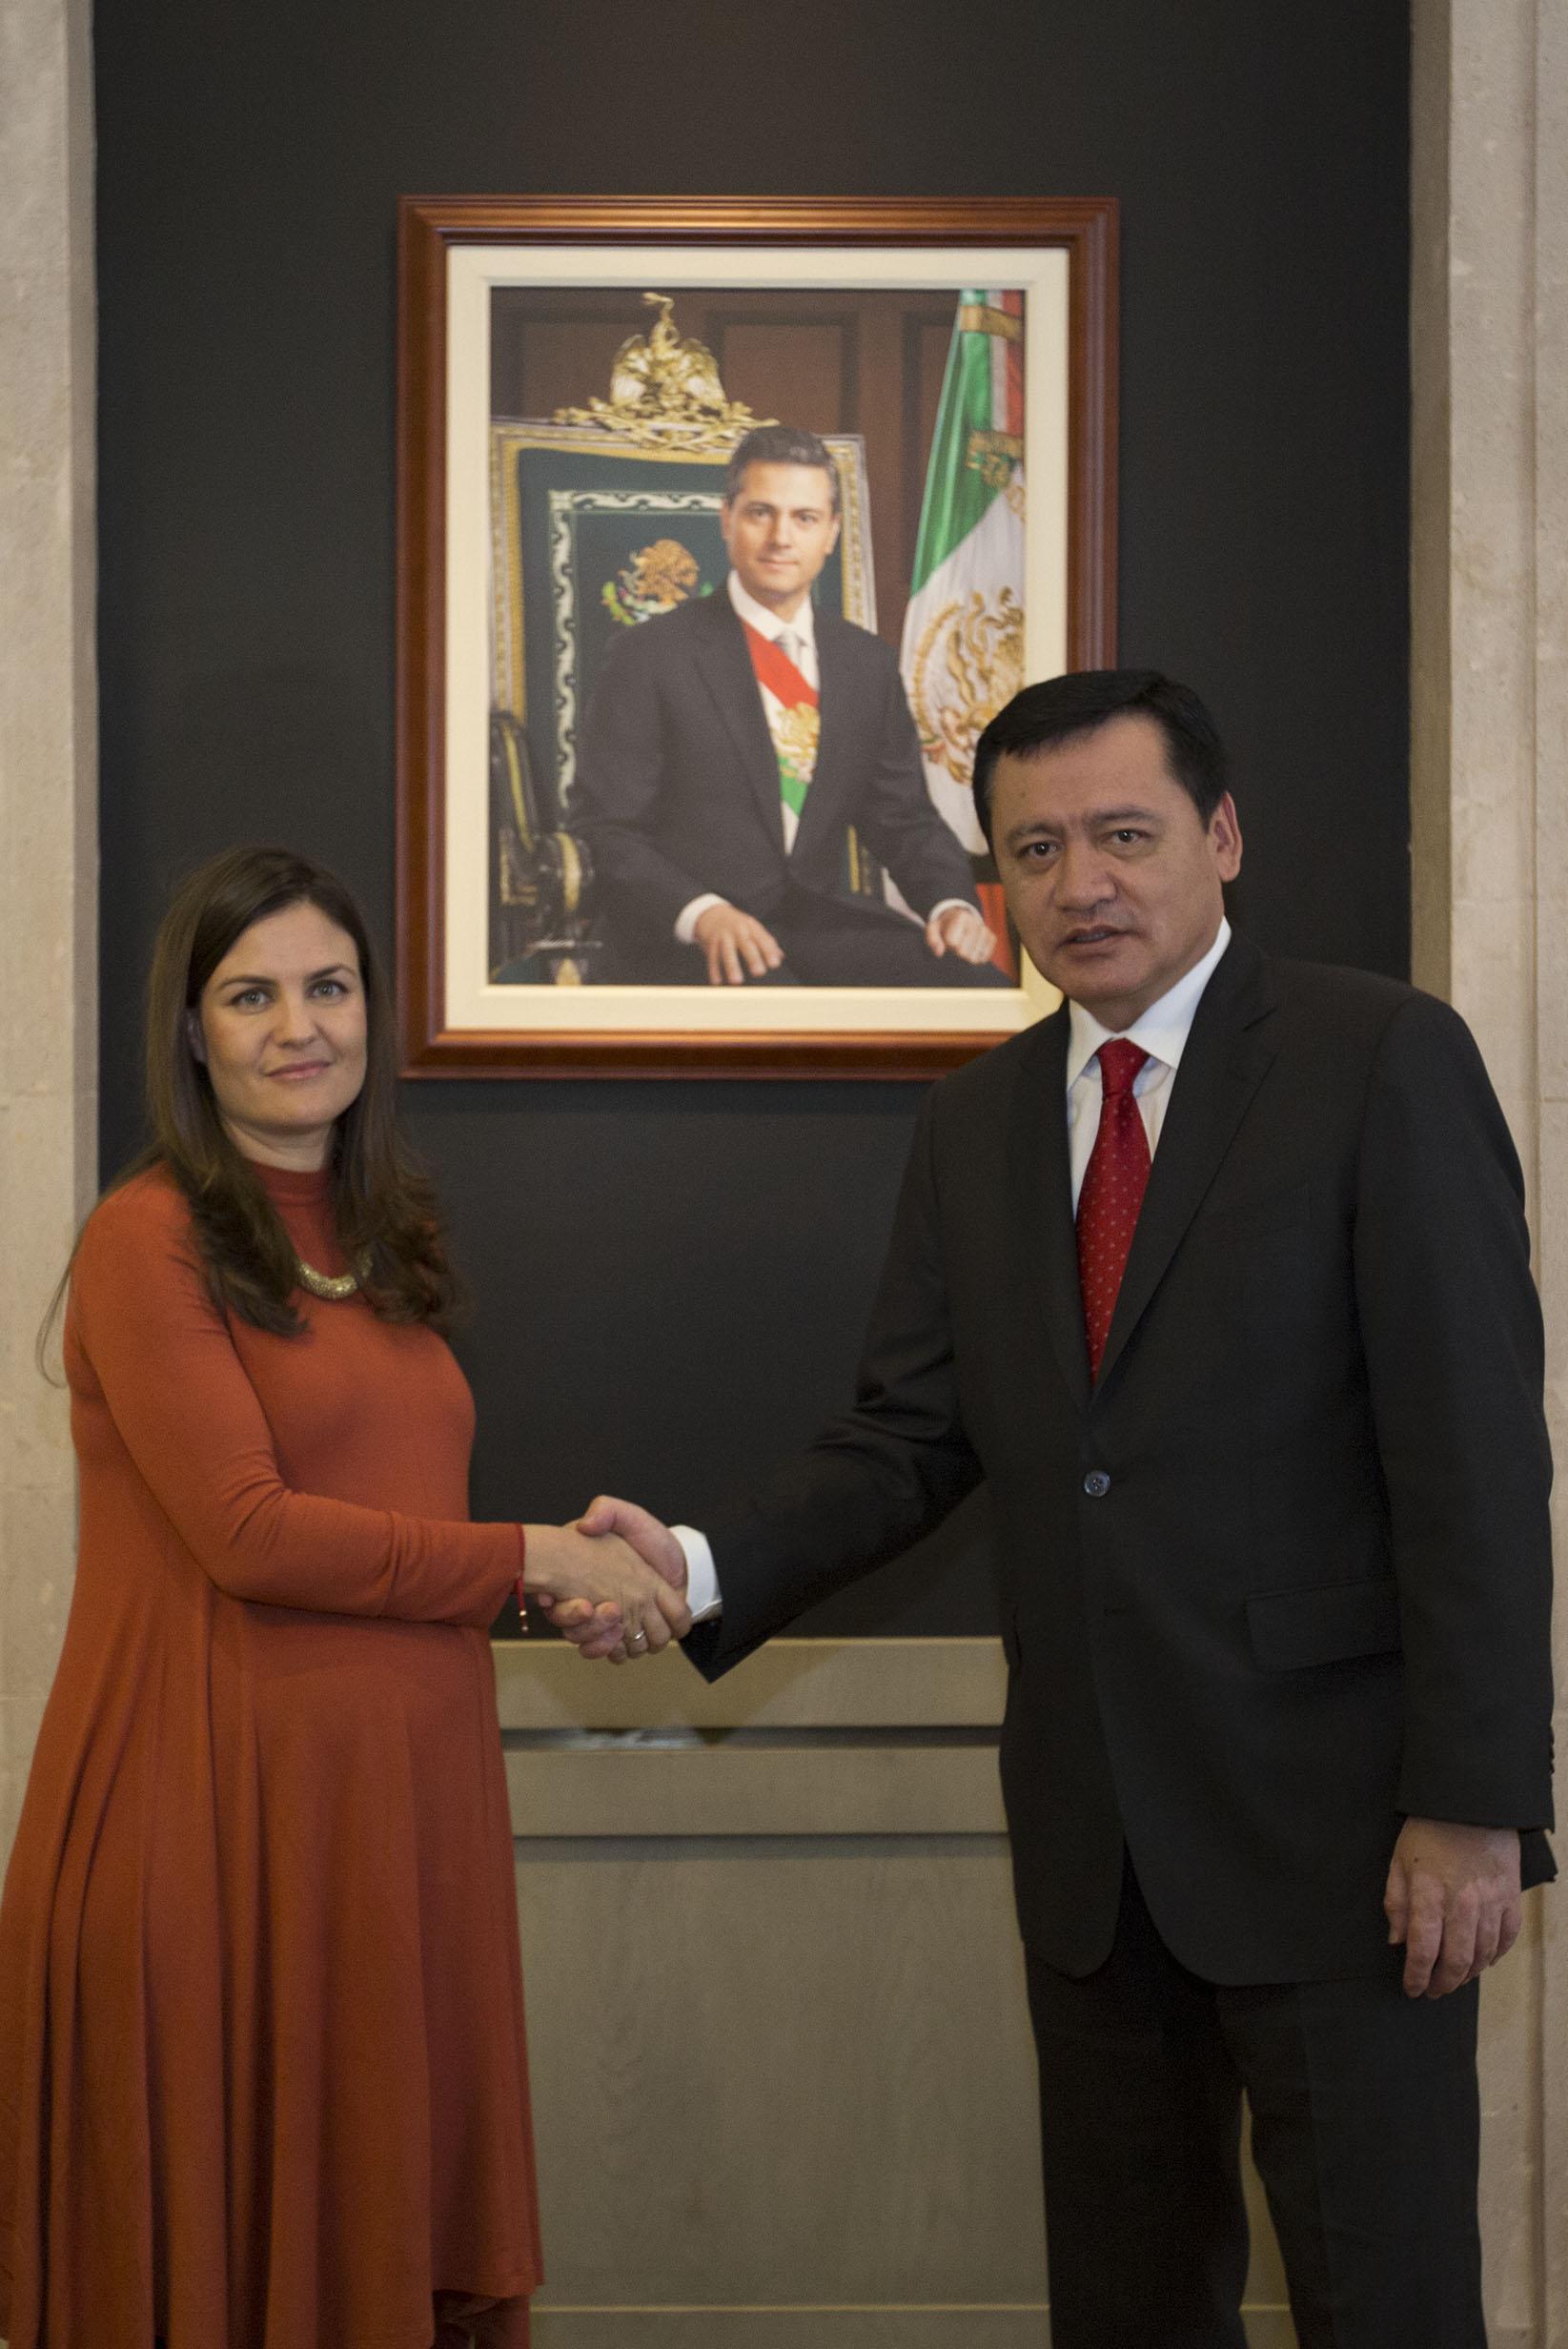 El Secretario de Gobernación, Miguel Ángel Osorio Chong, nombró a Alexandra Haas como Presidenta del Consejo Nacional para Prevenir la Discriminación.